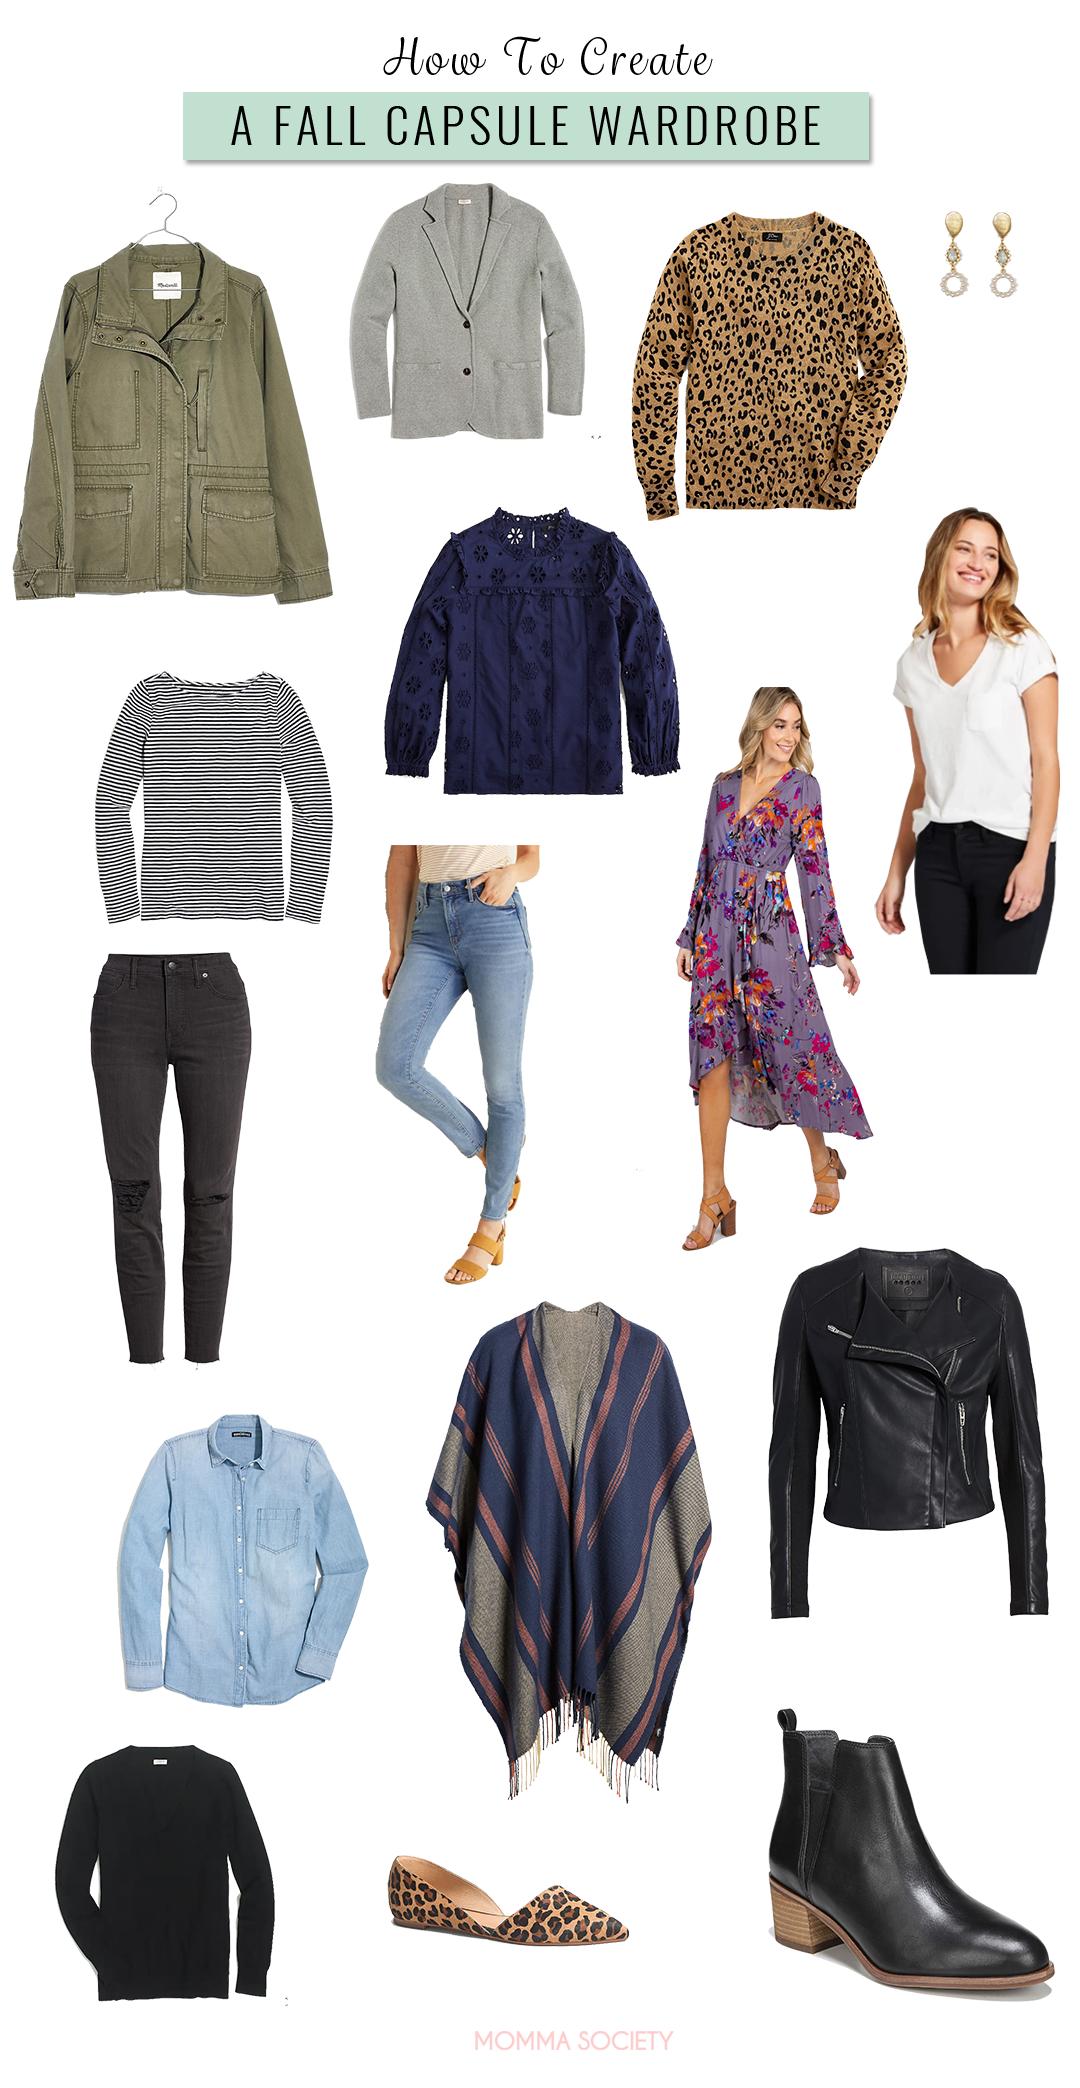 Fall Capsule Wardrobe for Mom | Momma Society